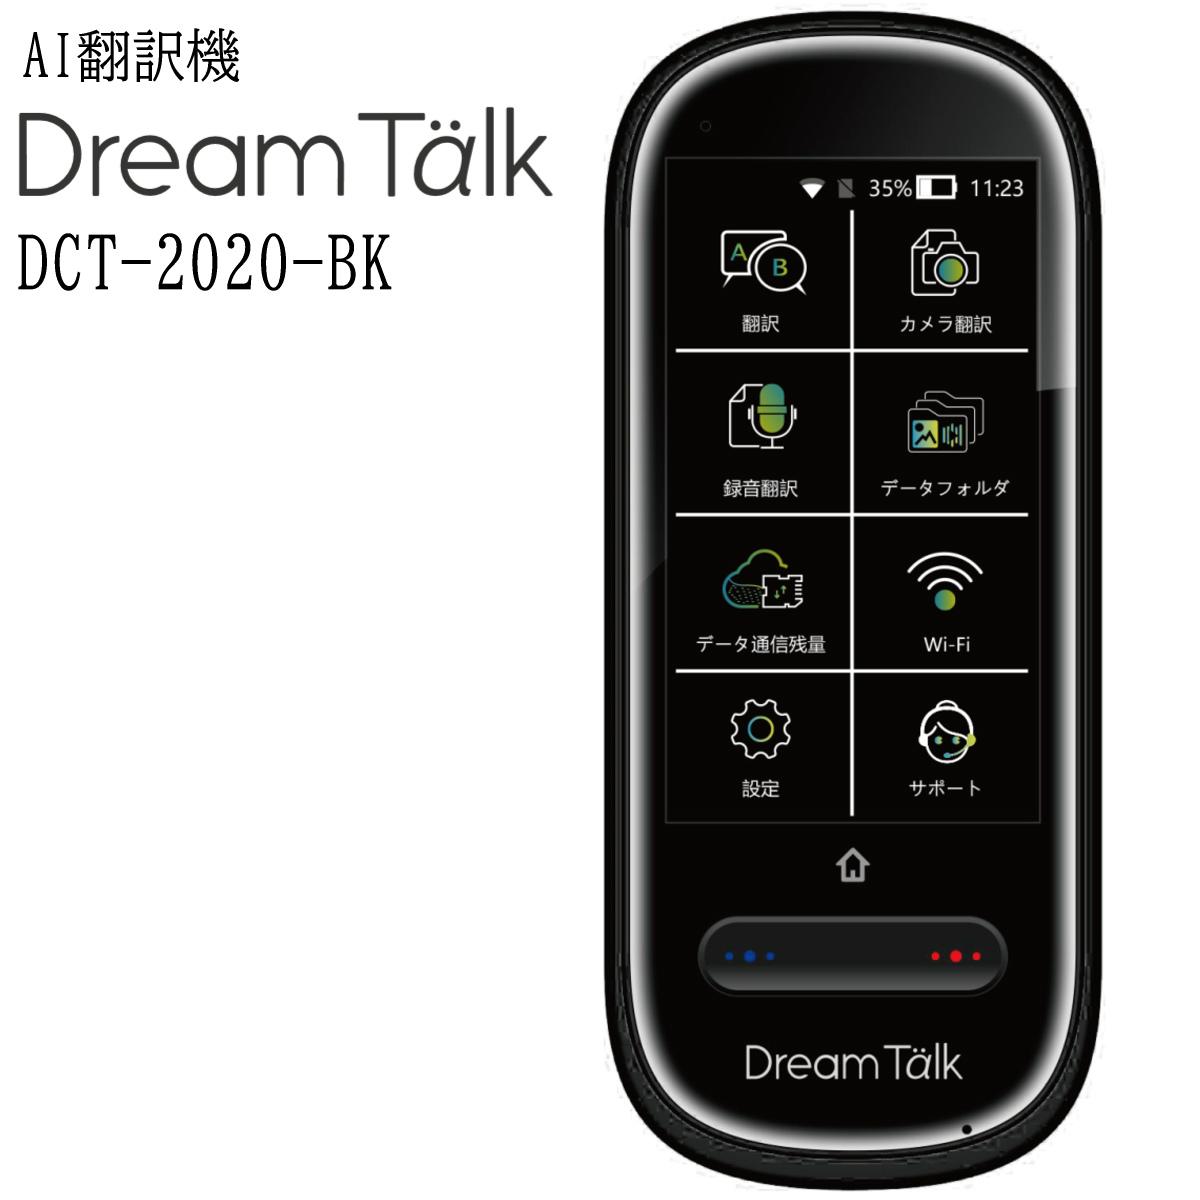 【あす楽】DCT AI翻訳機 ドリームトーク DreamTalk DCT-2020-BK ブラック 翻訳77言語 Wi-Fi対応 付属SIM2年使い放題 1年保証 自宅学習